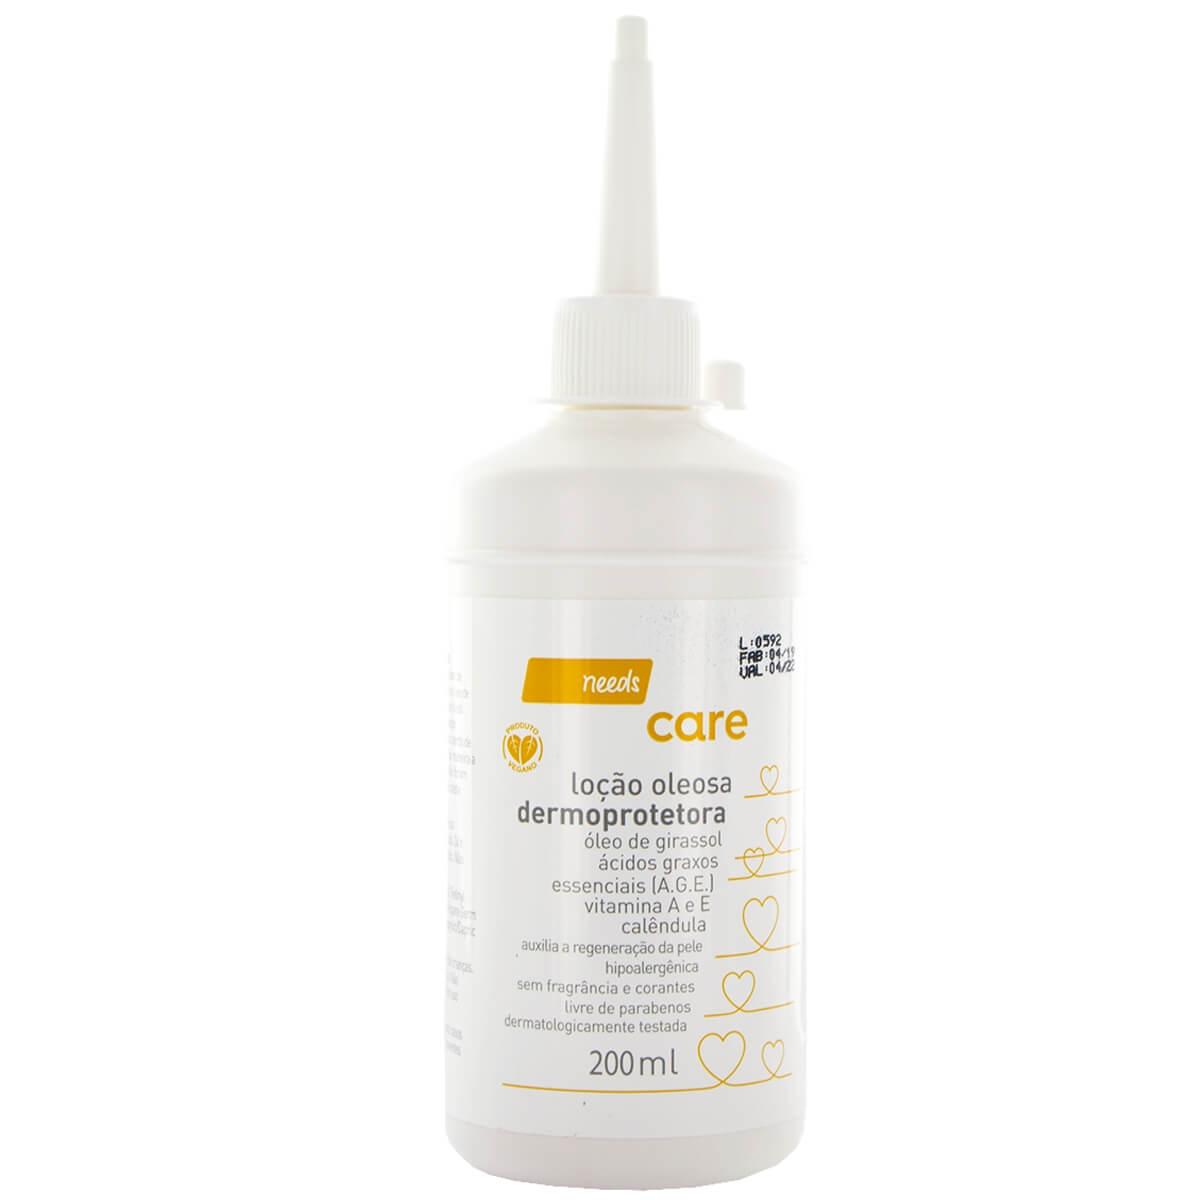 Loção Oleosa Dermoprotetora Needs Care com 200ml 200ml